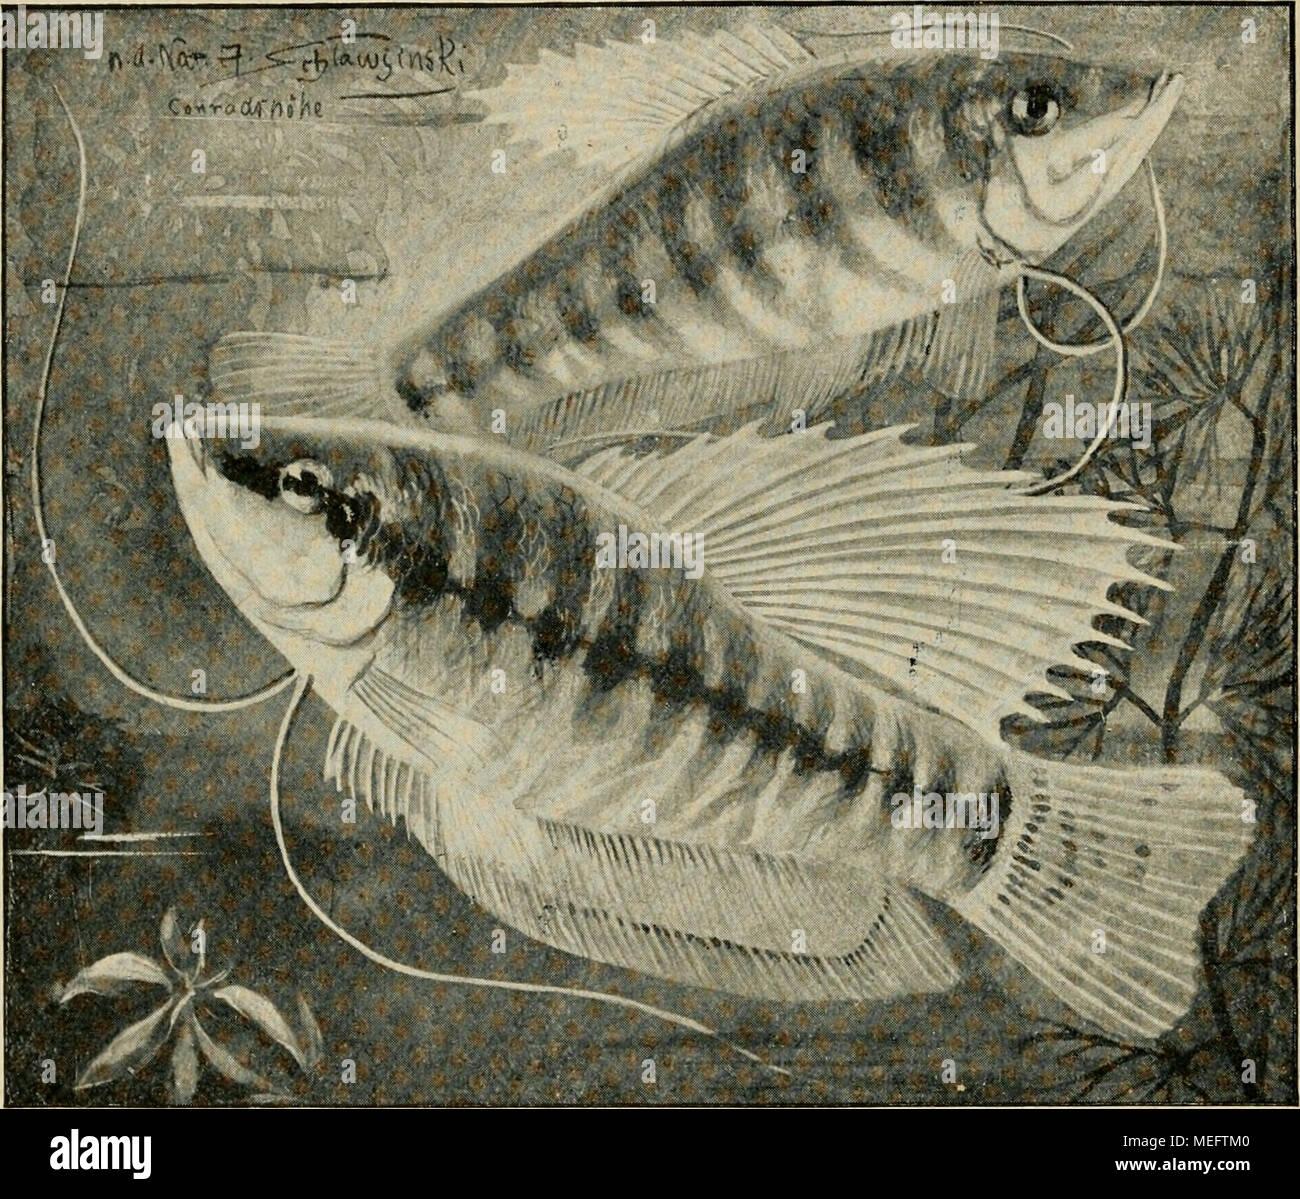 Beste äußere Anatomie Der Fische Und Ihre Funktionen Galerie ...